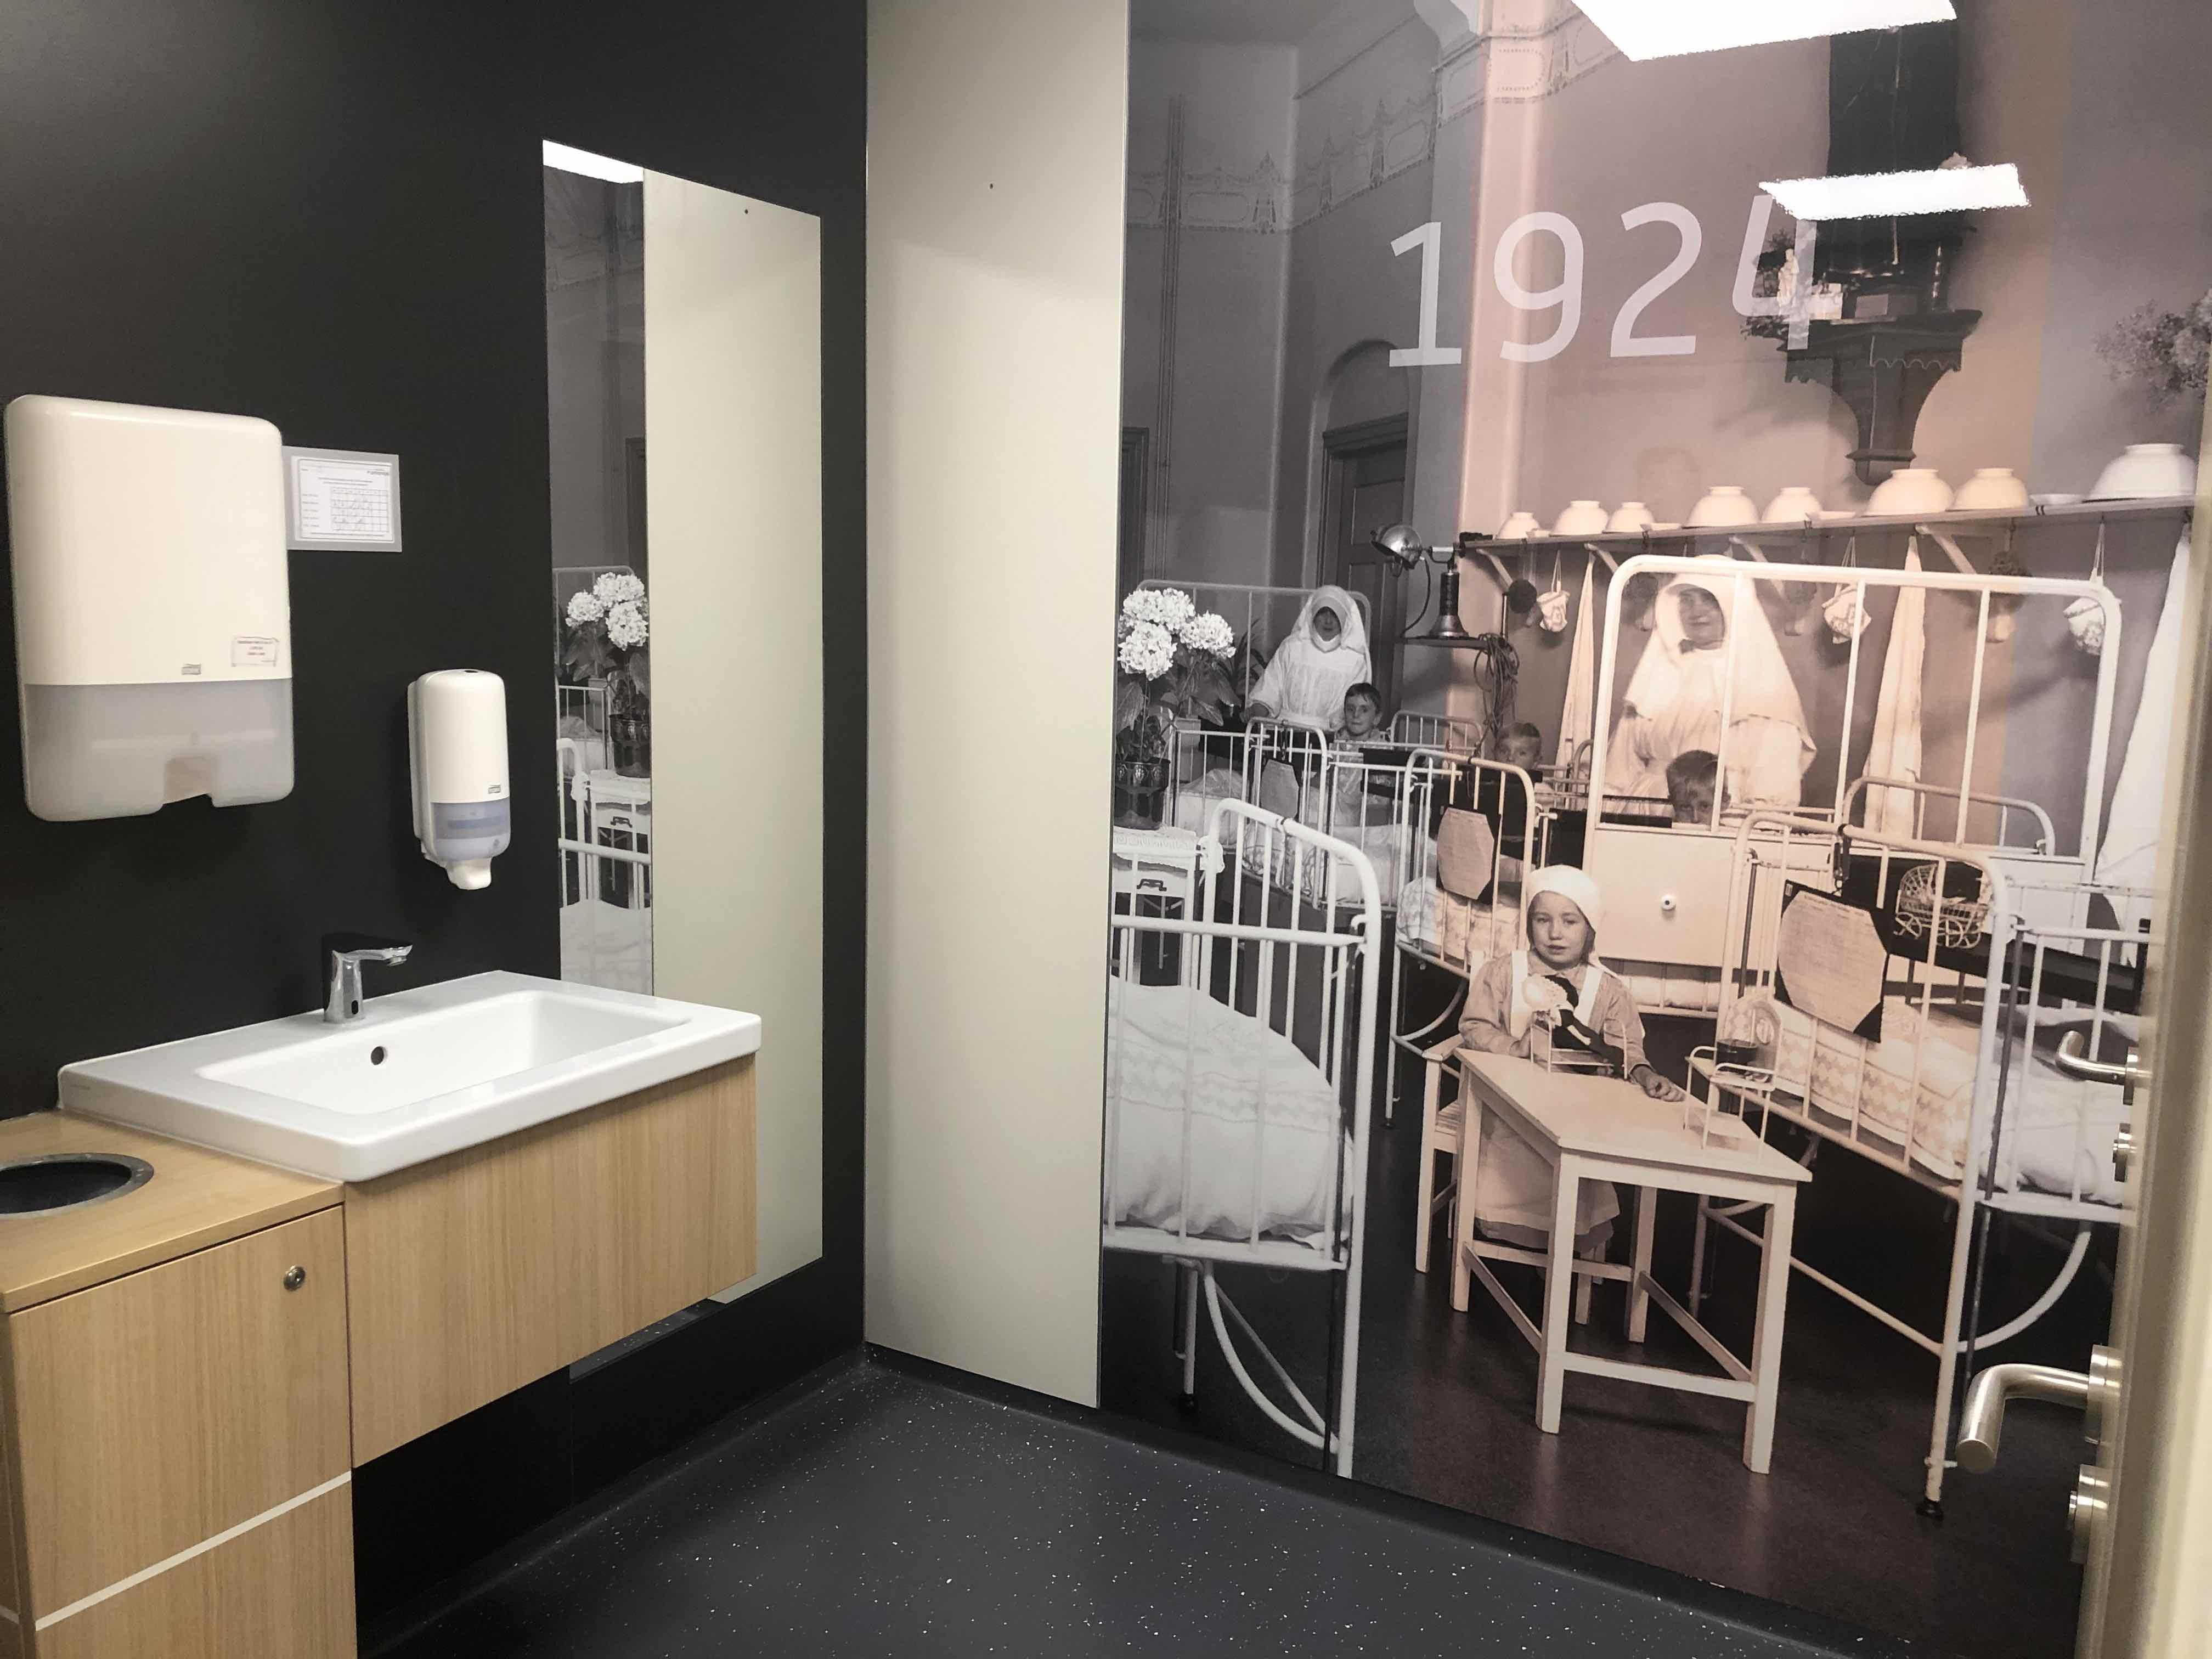 Toletto - toiletten St. Antoniusziekenhuis 1